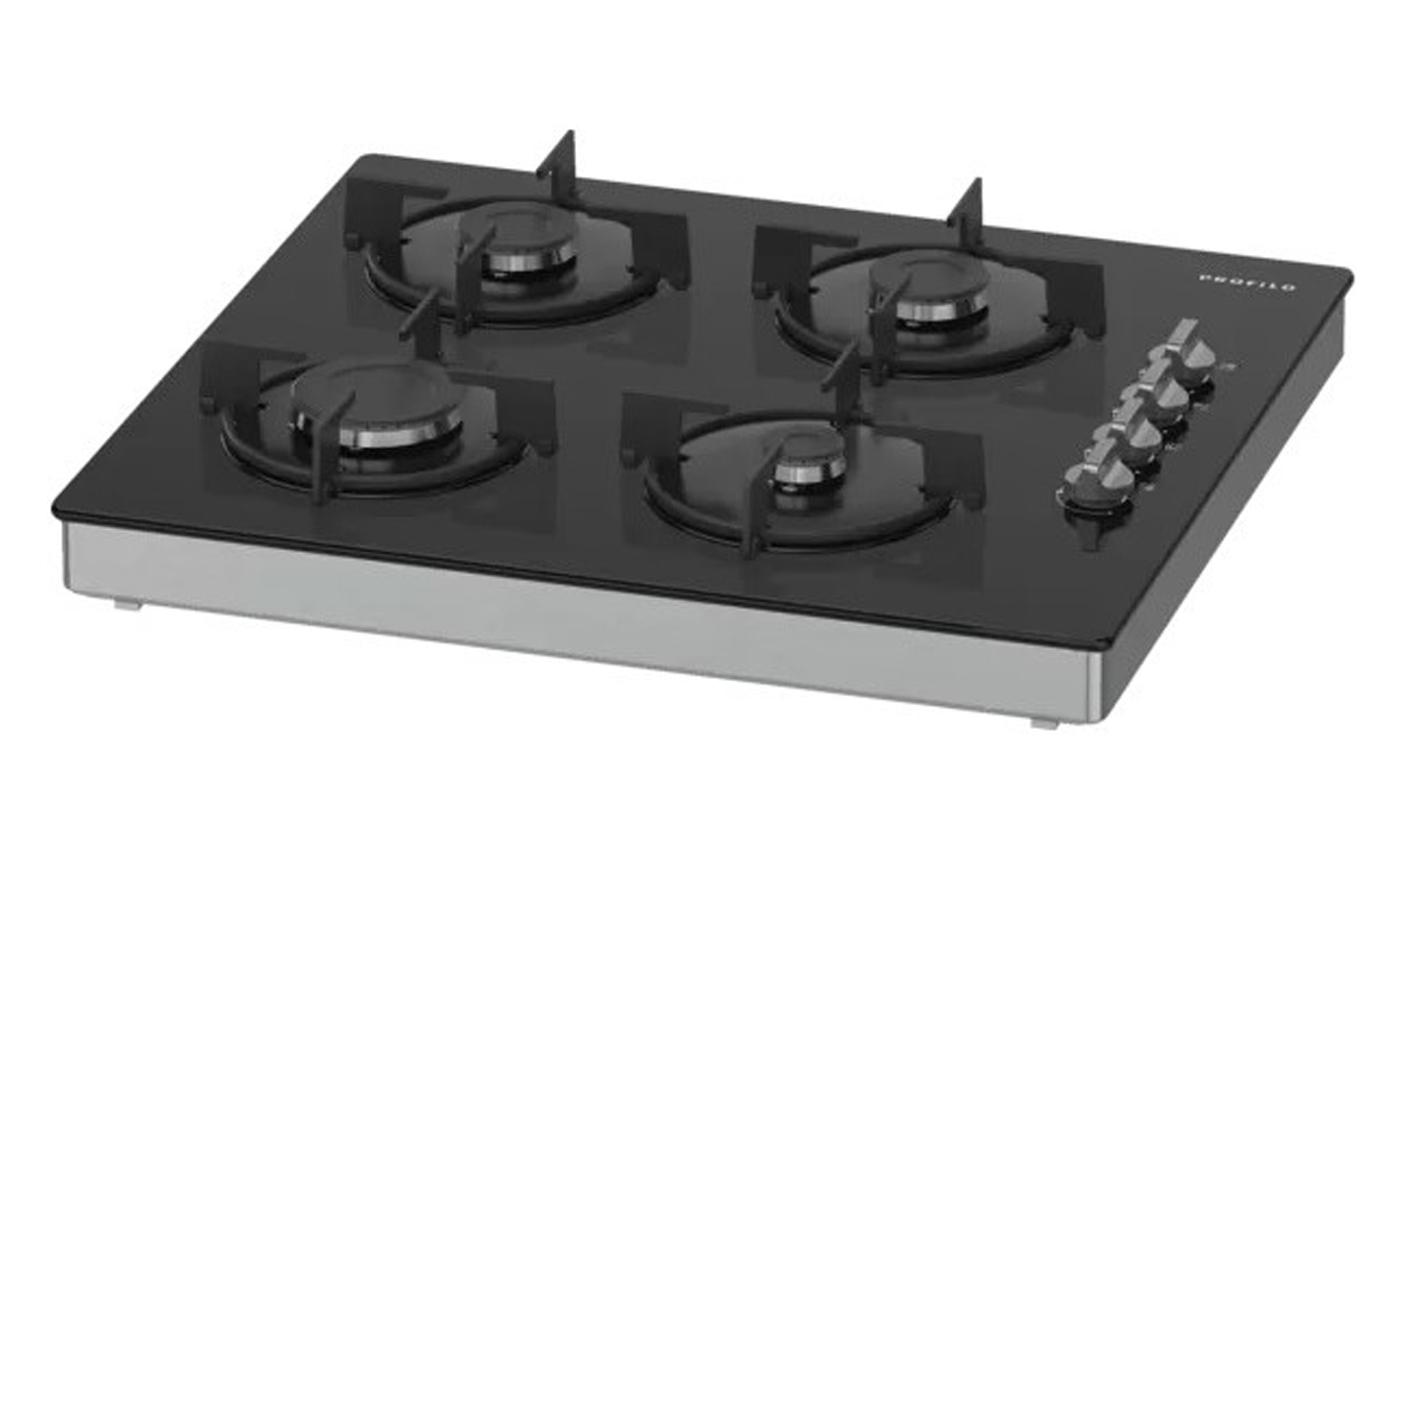 Profilo OO30P6B10D Siyah Camlı Dörtlü Set Üstü Ocak